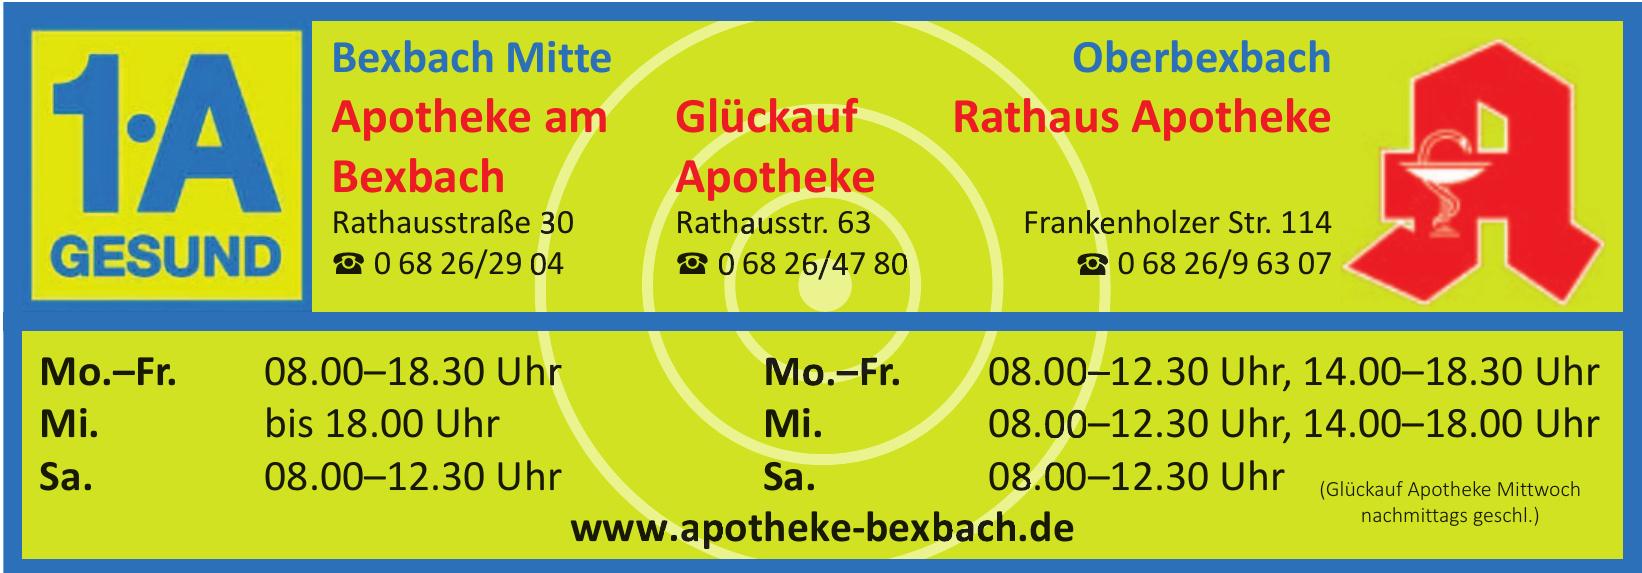 Oberbexbach Rathaus-Apotheke